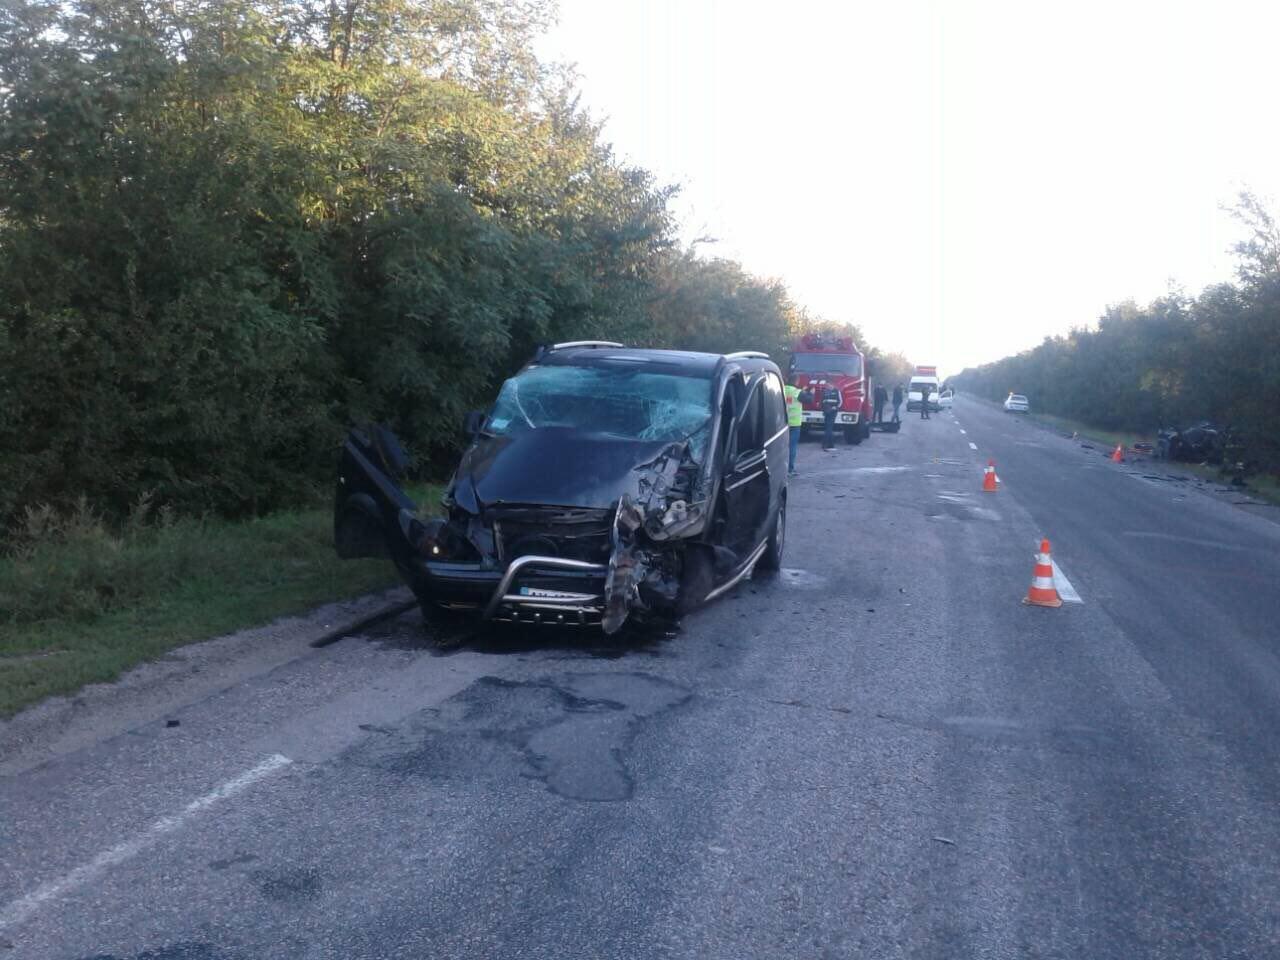 В лобовом столкновении на запорожской трассе погибли 4 человека: еще 2 – пострадали, – ФОТО, фото-2